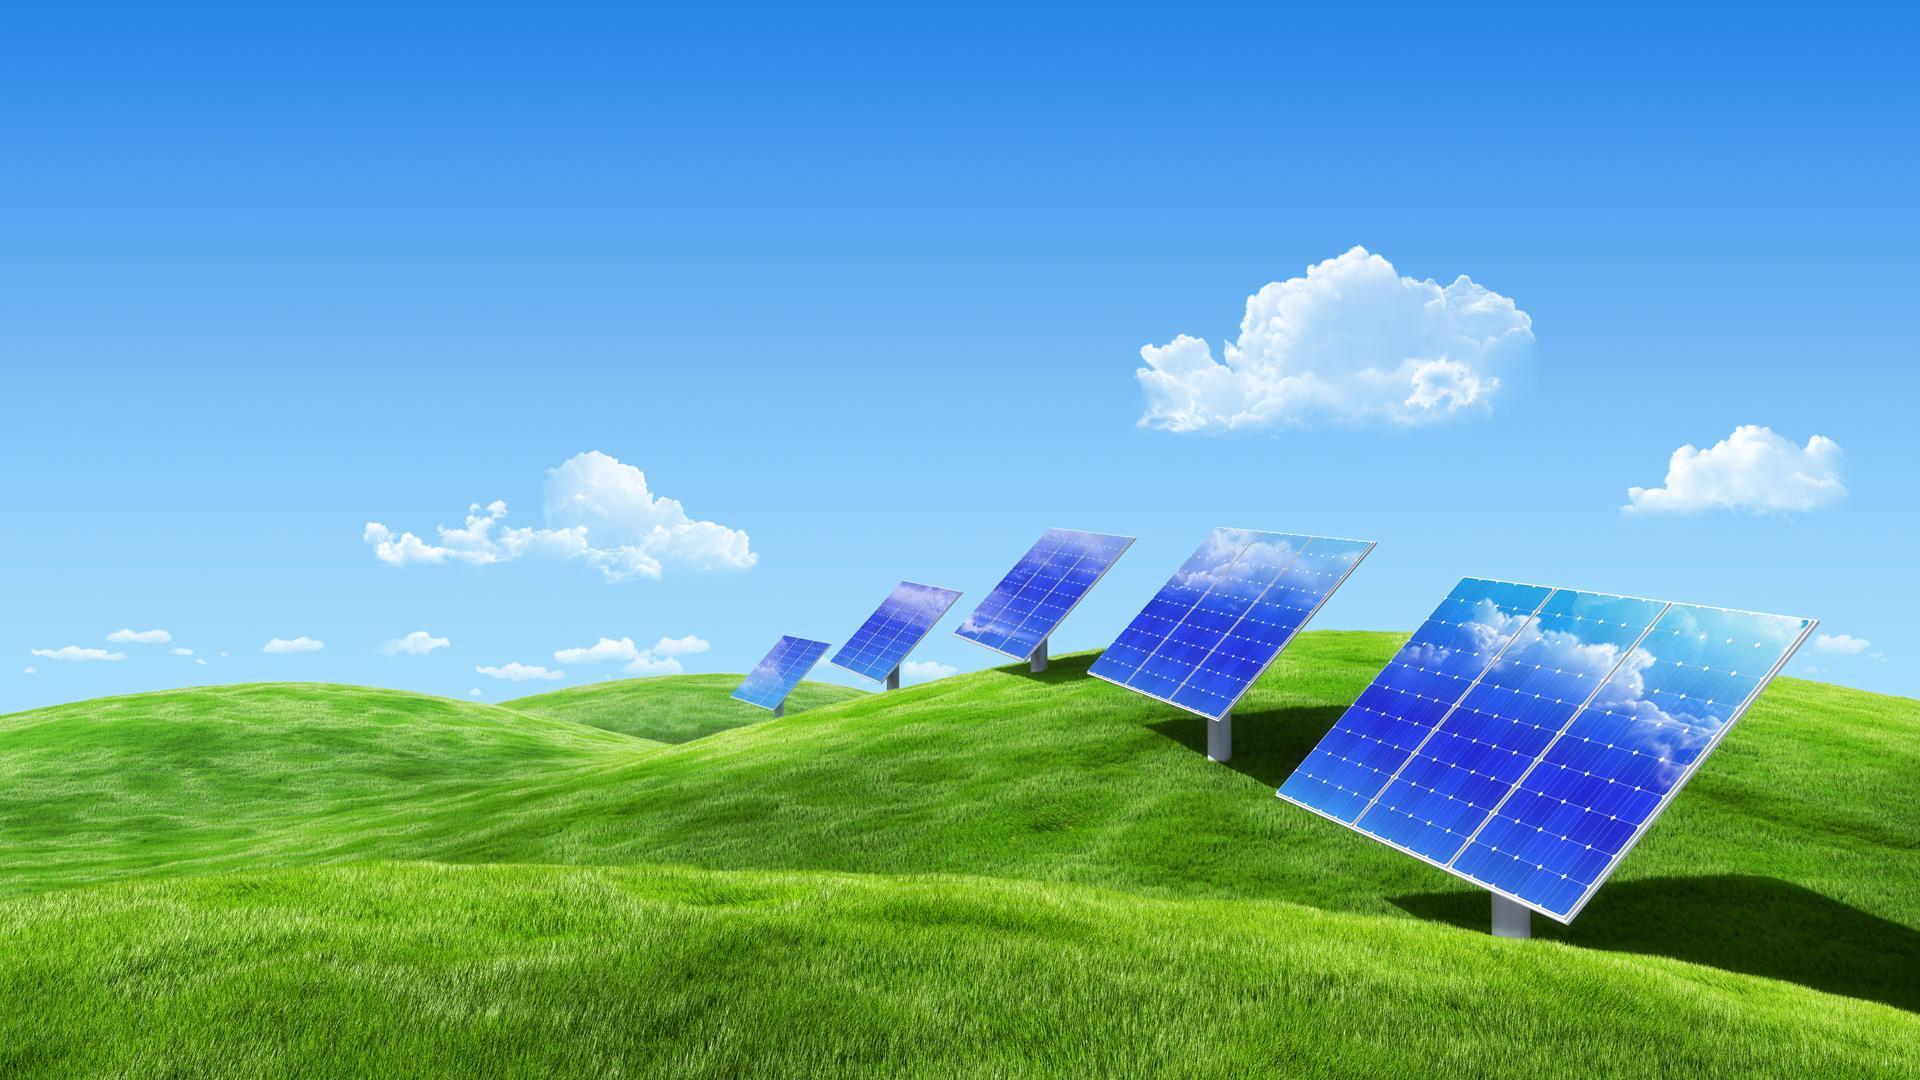 پنل خورشیدی انرژی پاک، مناسب برای محیط زیست